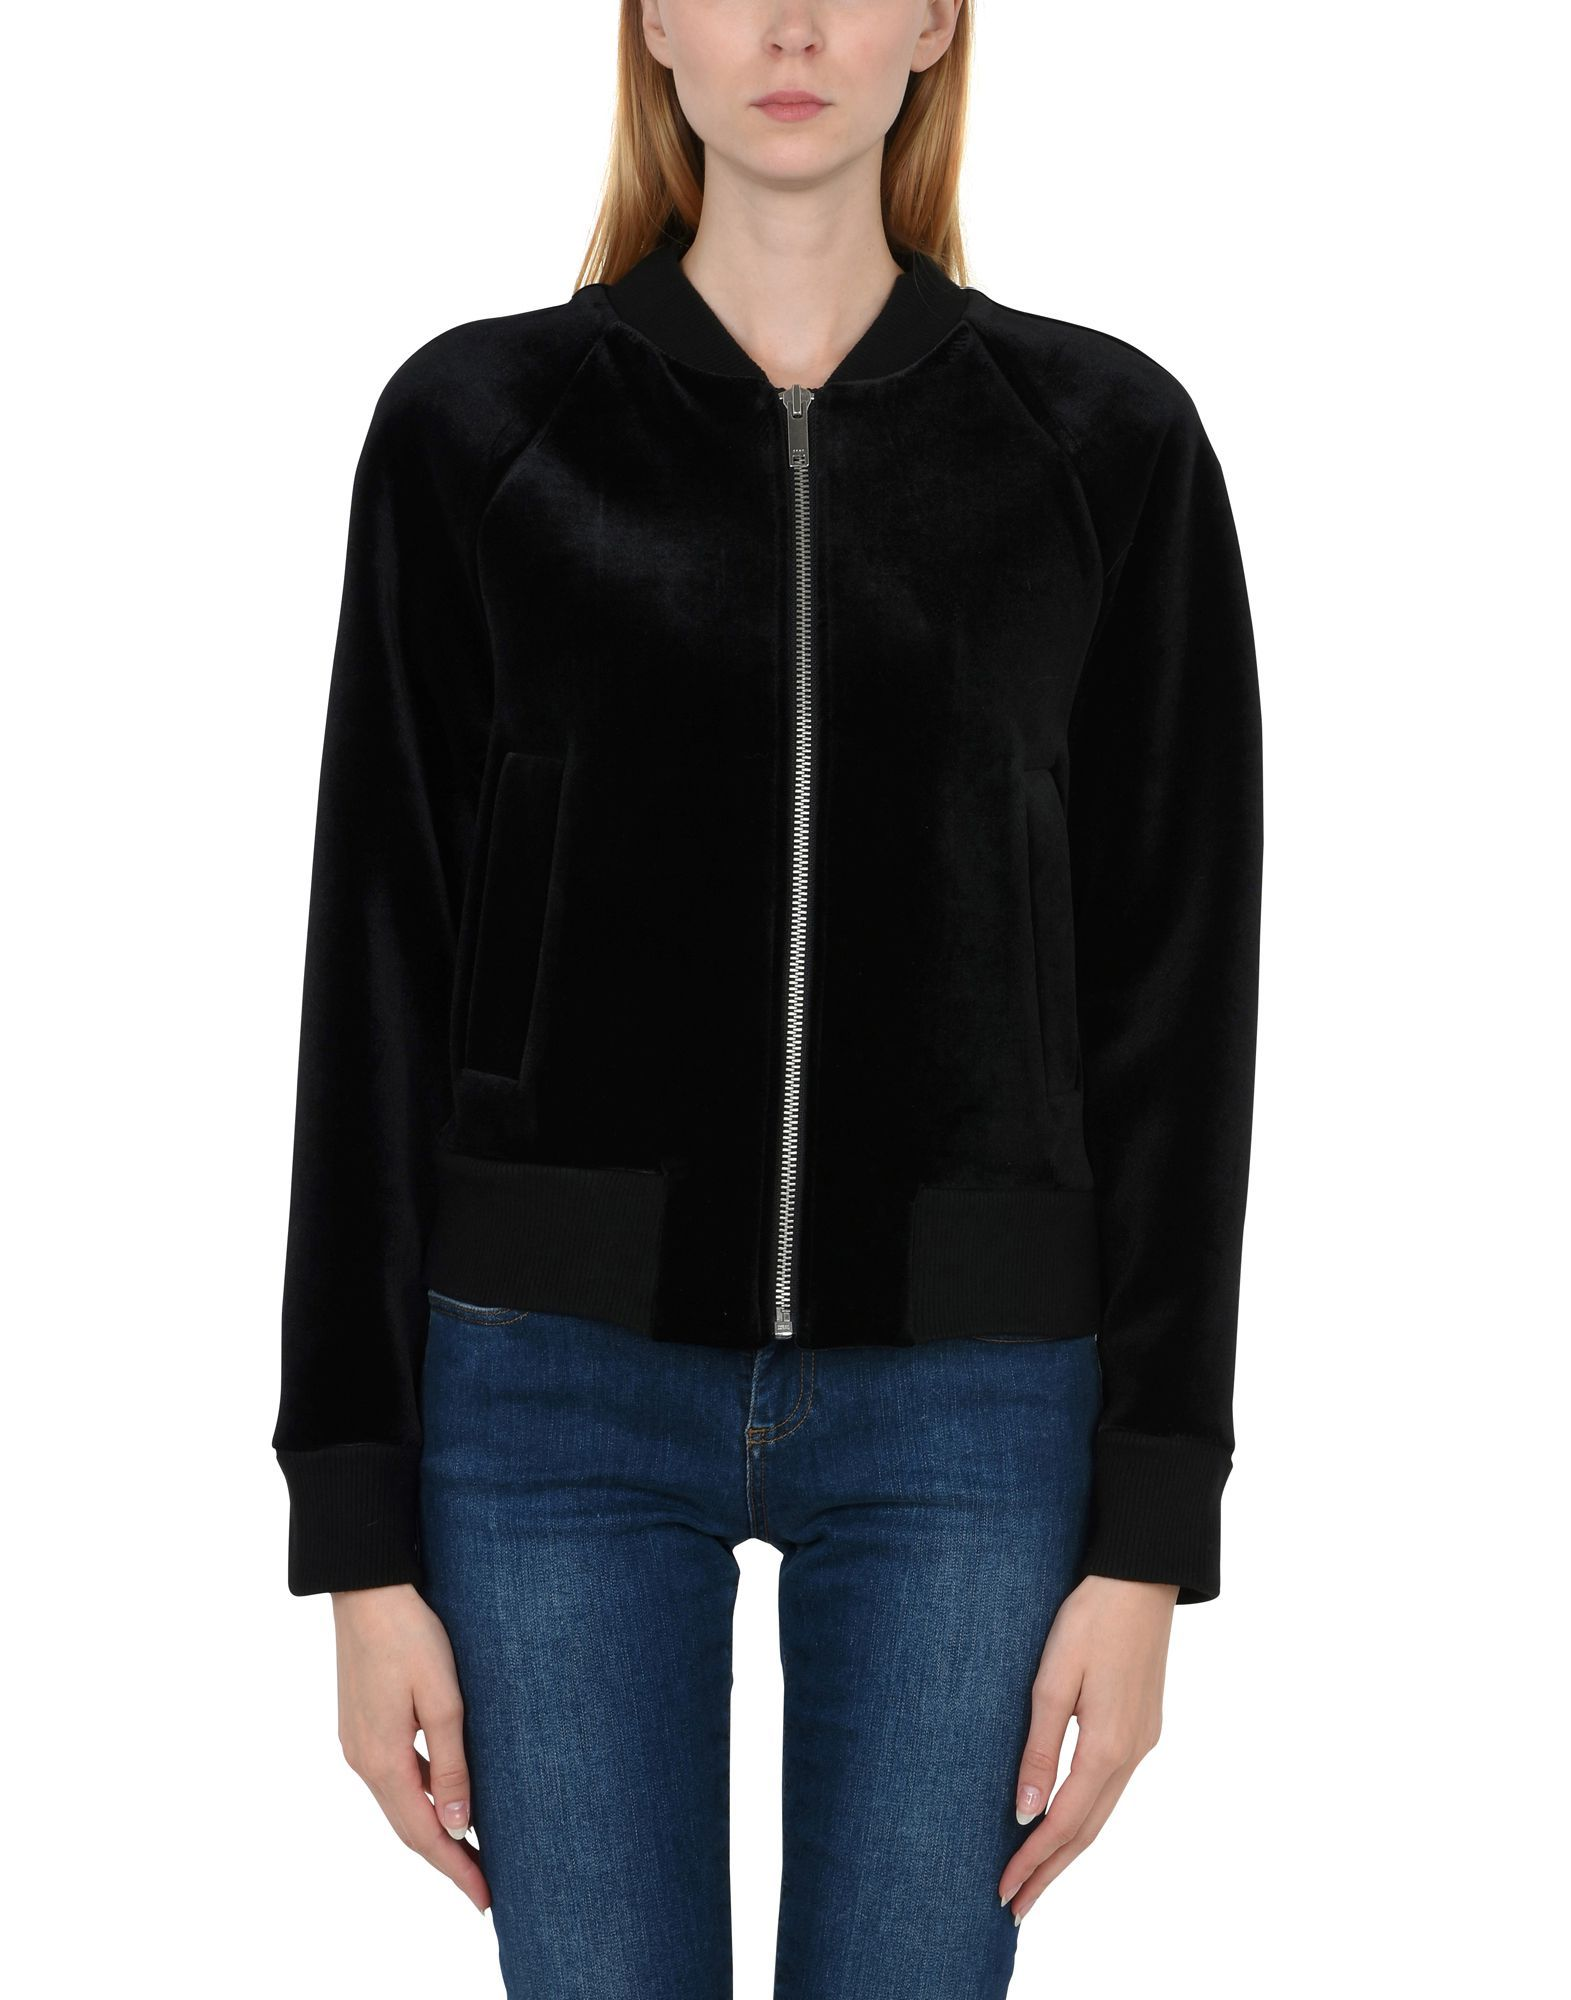 DKNY Black Neoprene And Chenille Bomber Jacket